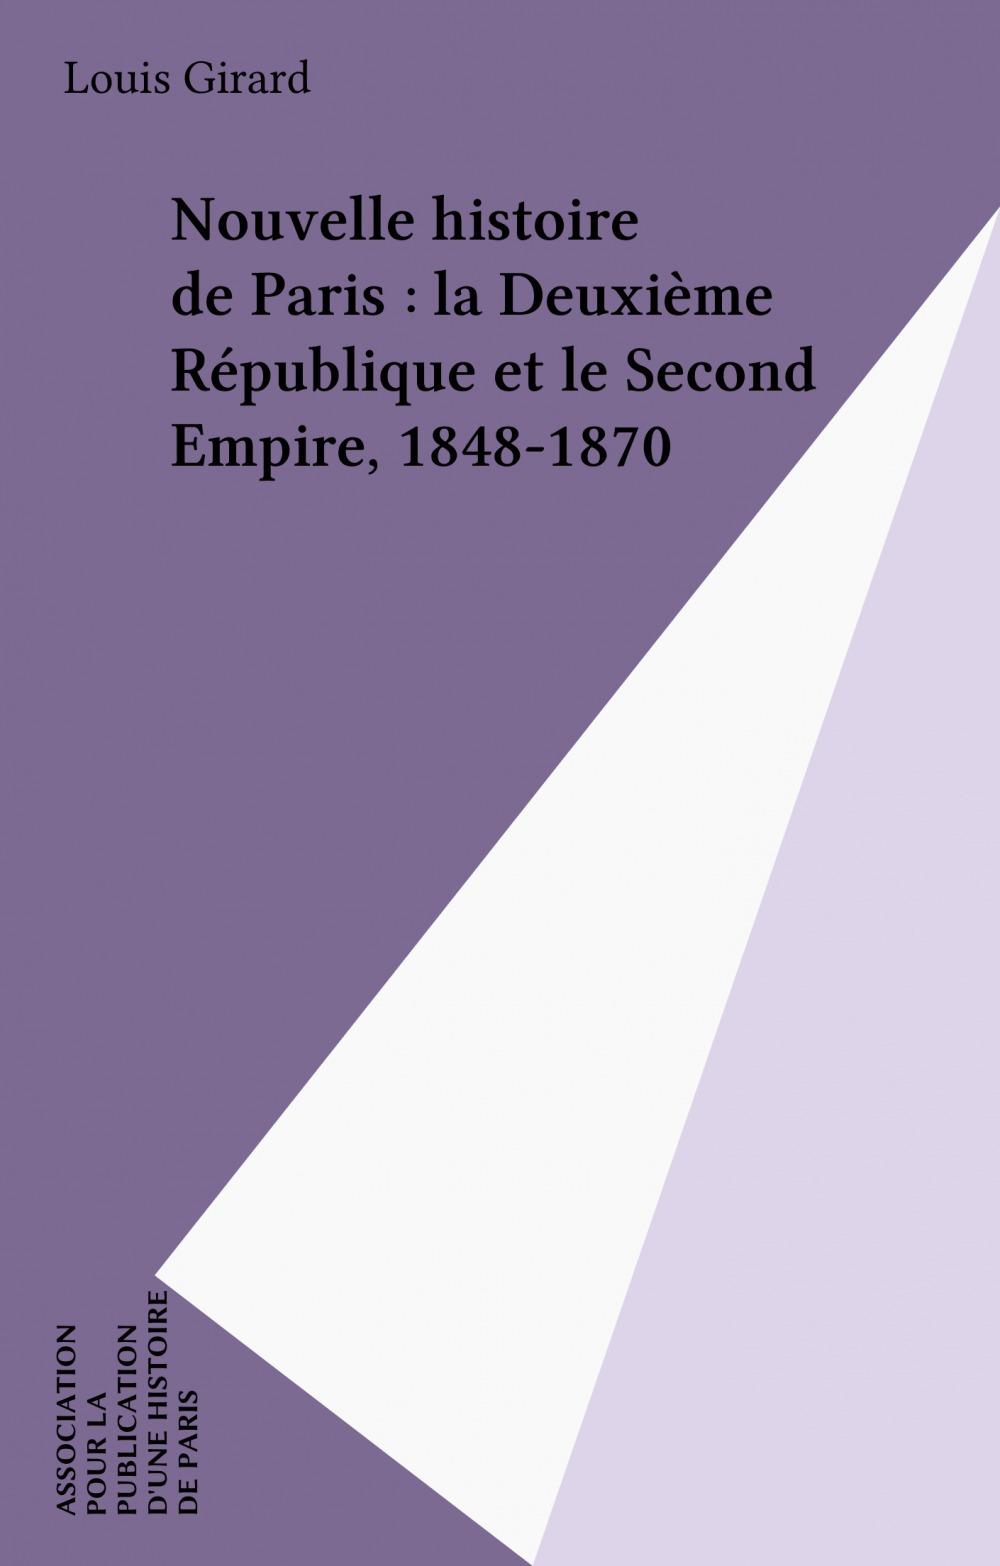 La deuxieme republique et le second empire